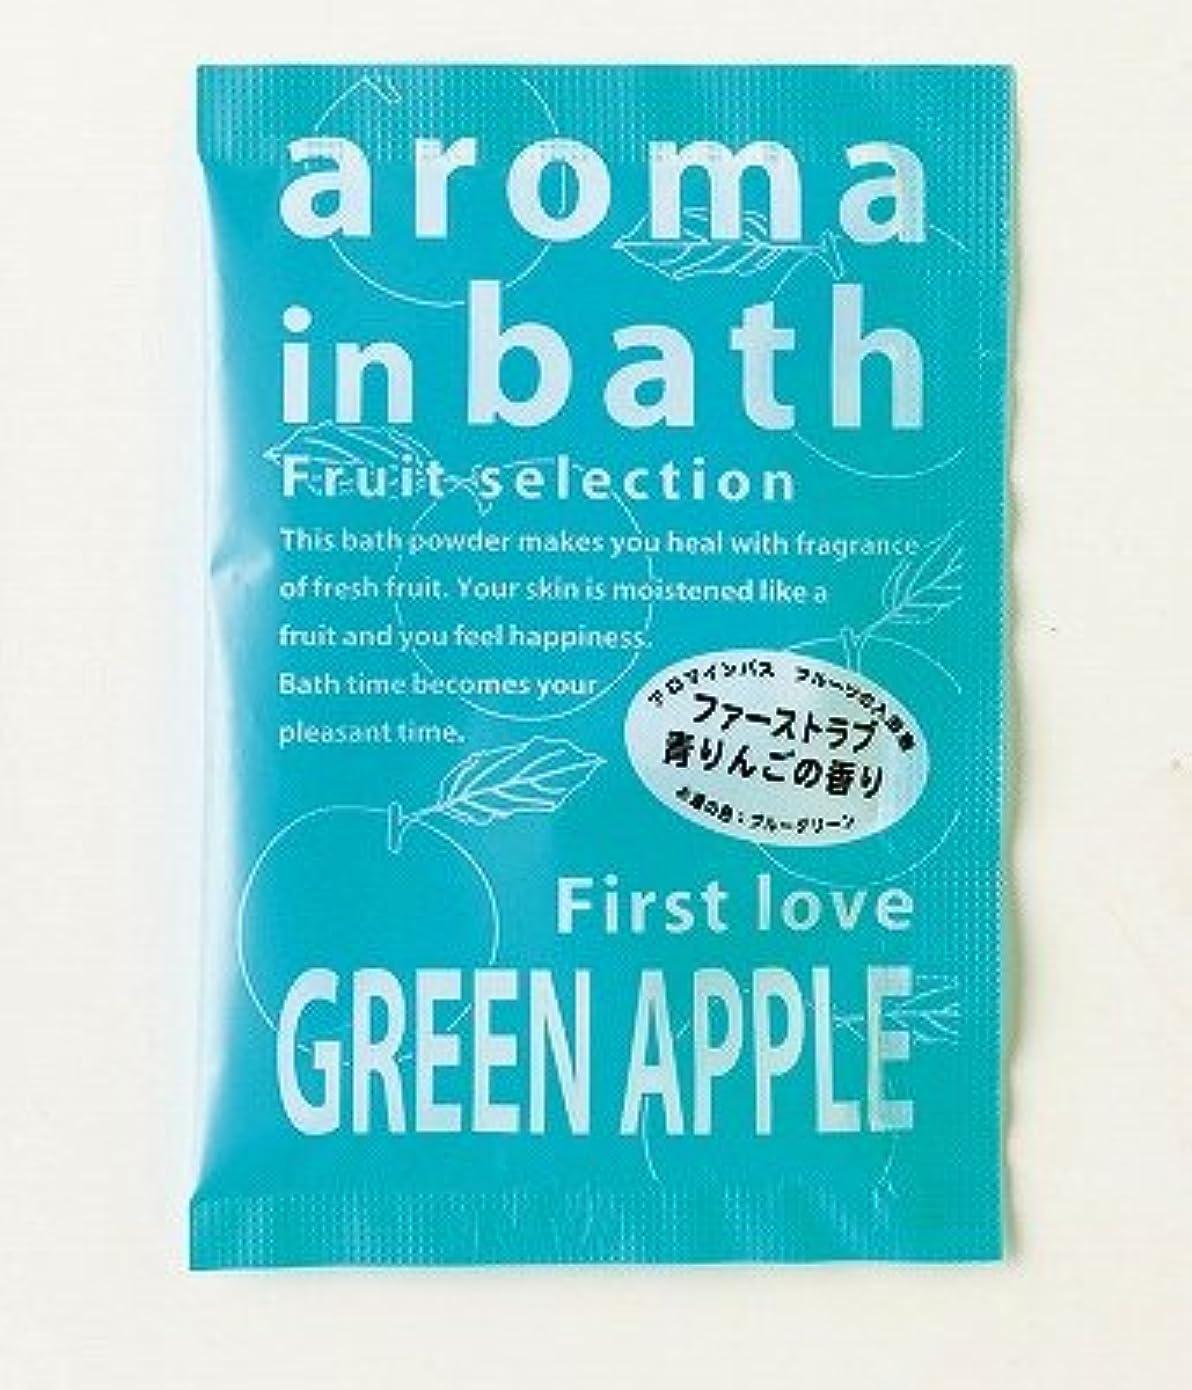 バンケット立ち寄る休戦アロマインバス グリーンアップルの香り 25g(200個1セット)